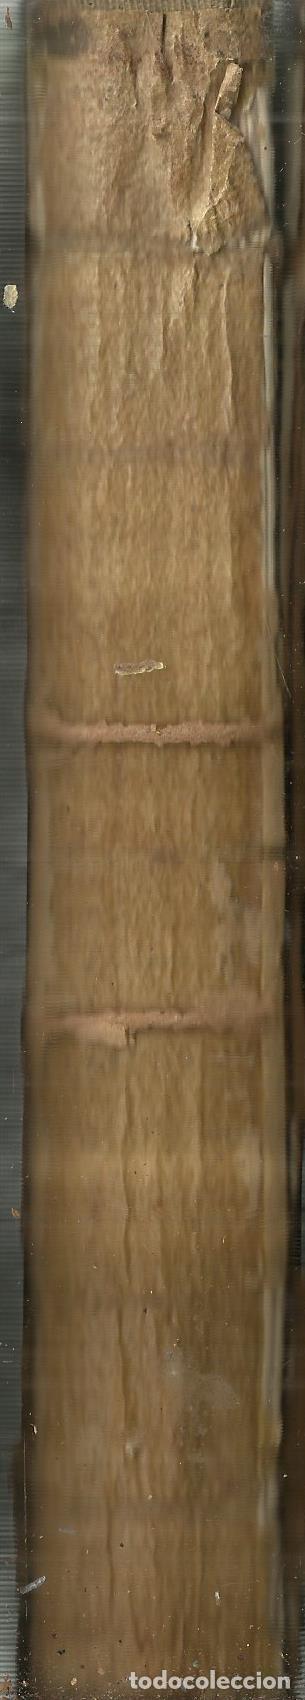 Libros antiguos: HISTORIA GENERAL DE ESPAÑA. TOMO 11. MODESTO LAFUENTE. MONTANER Y SIMÓN EDITORES. BARCELONA. 1888 - Foto 2 - 61714708